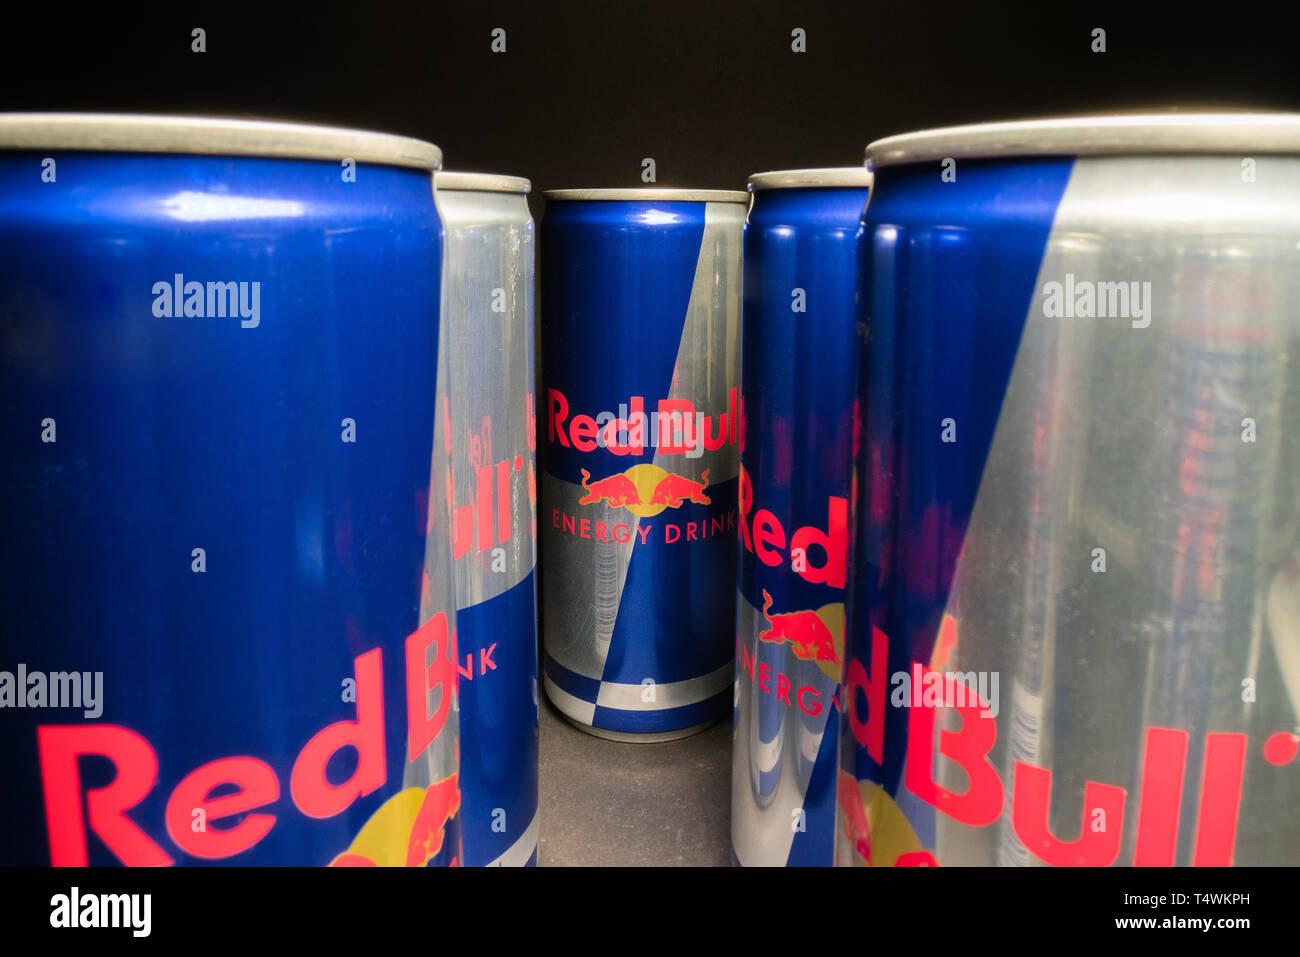 Red Bull Mini Kühlschrank Jägermeister : Red bull energy drink stockfotos red bull energy drink bilder